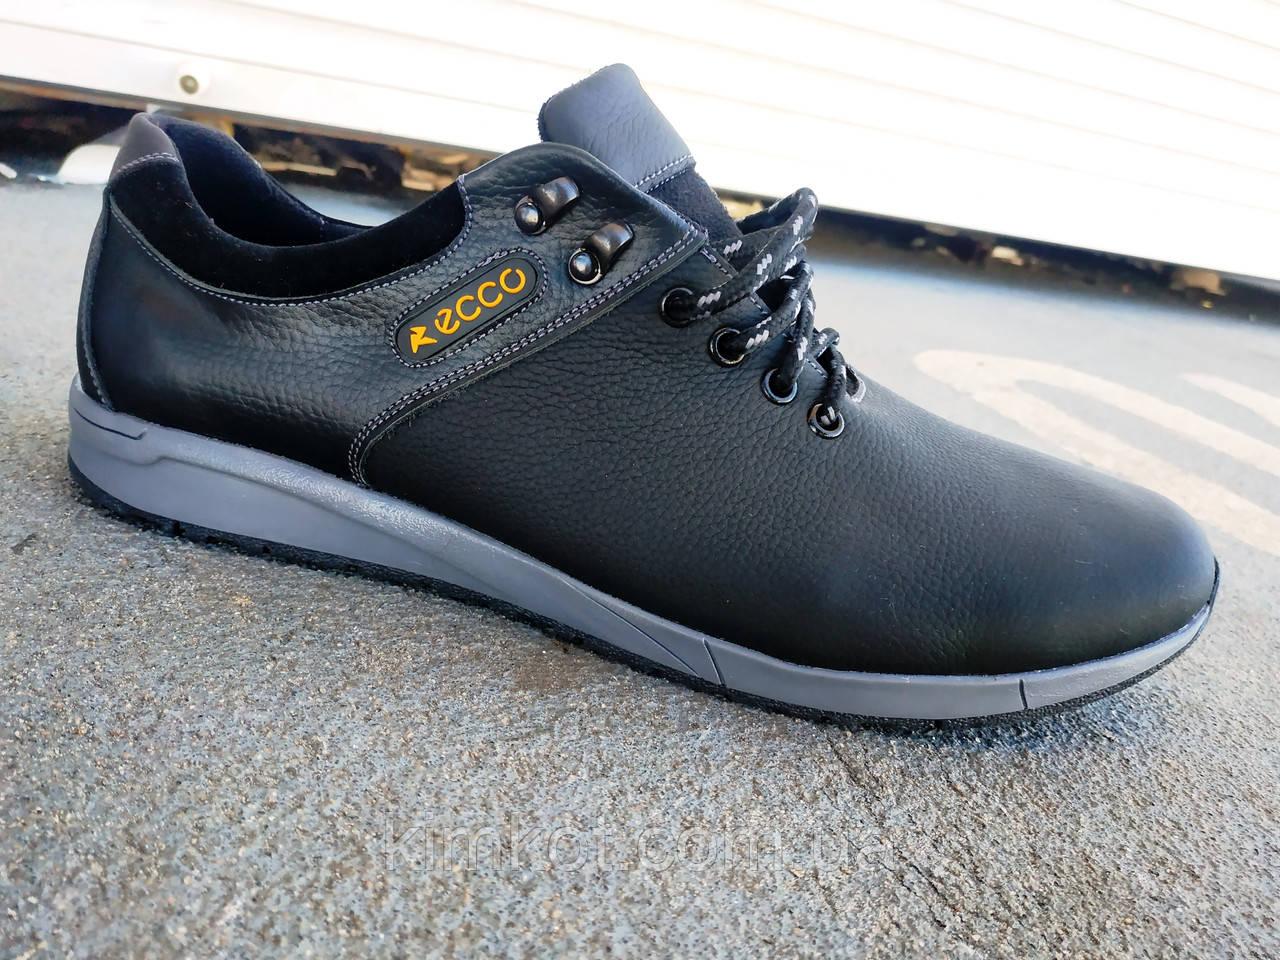 fdd9a34f Мужские кожаные кроссовки ECCO большие размеры 46-50 р-р: продажа ...